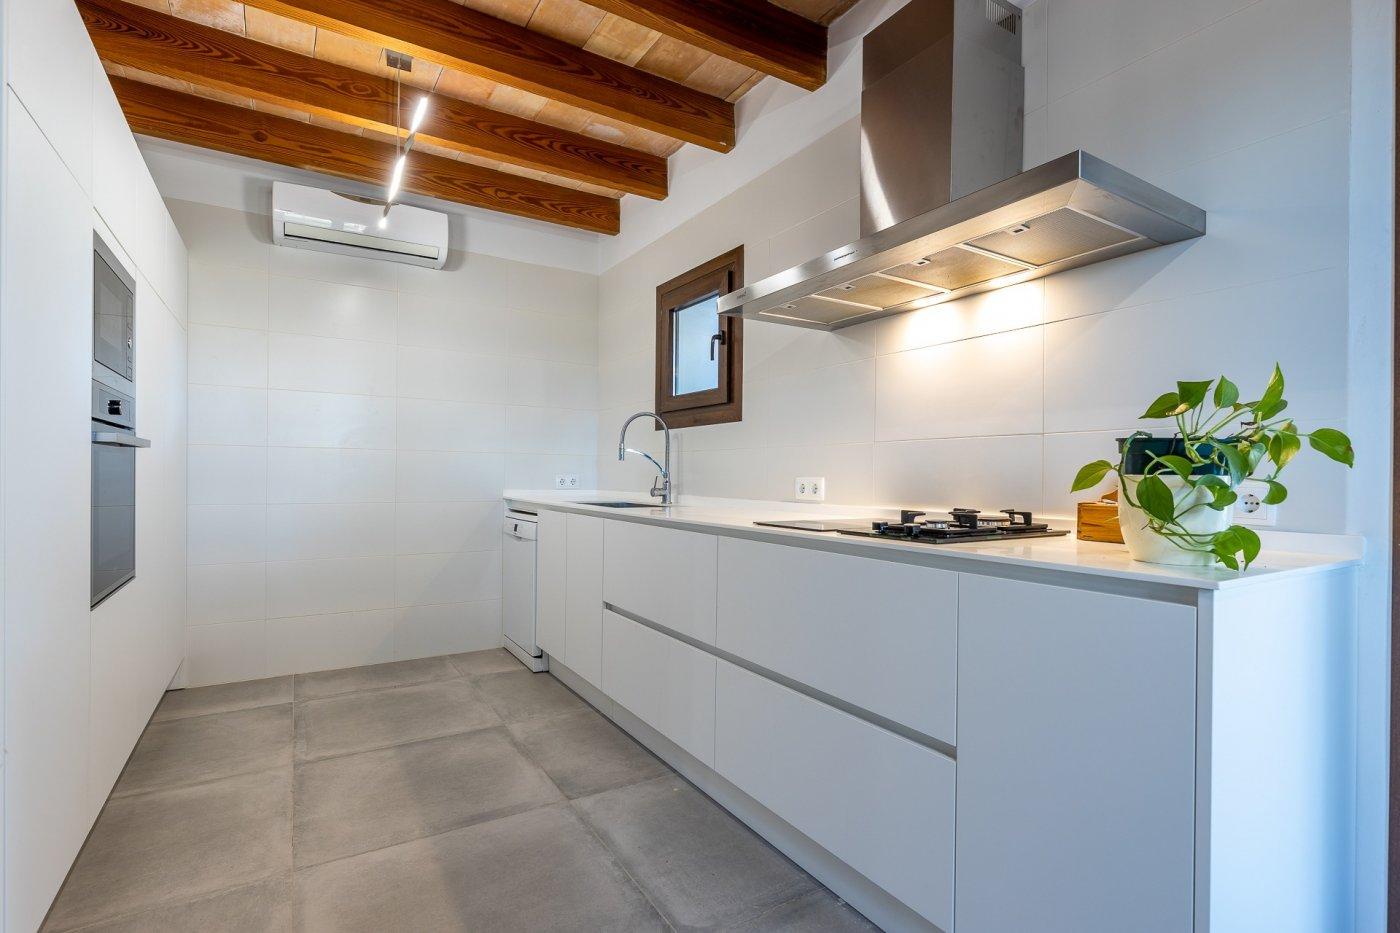 Encantadora finca rÚstica con casa de invitados  en marratxinet - imagenInmueble6